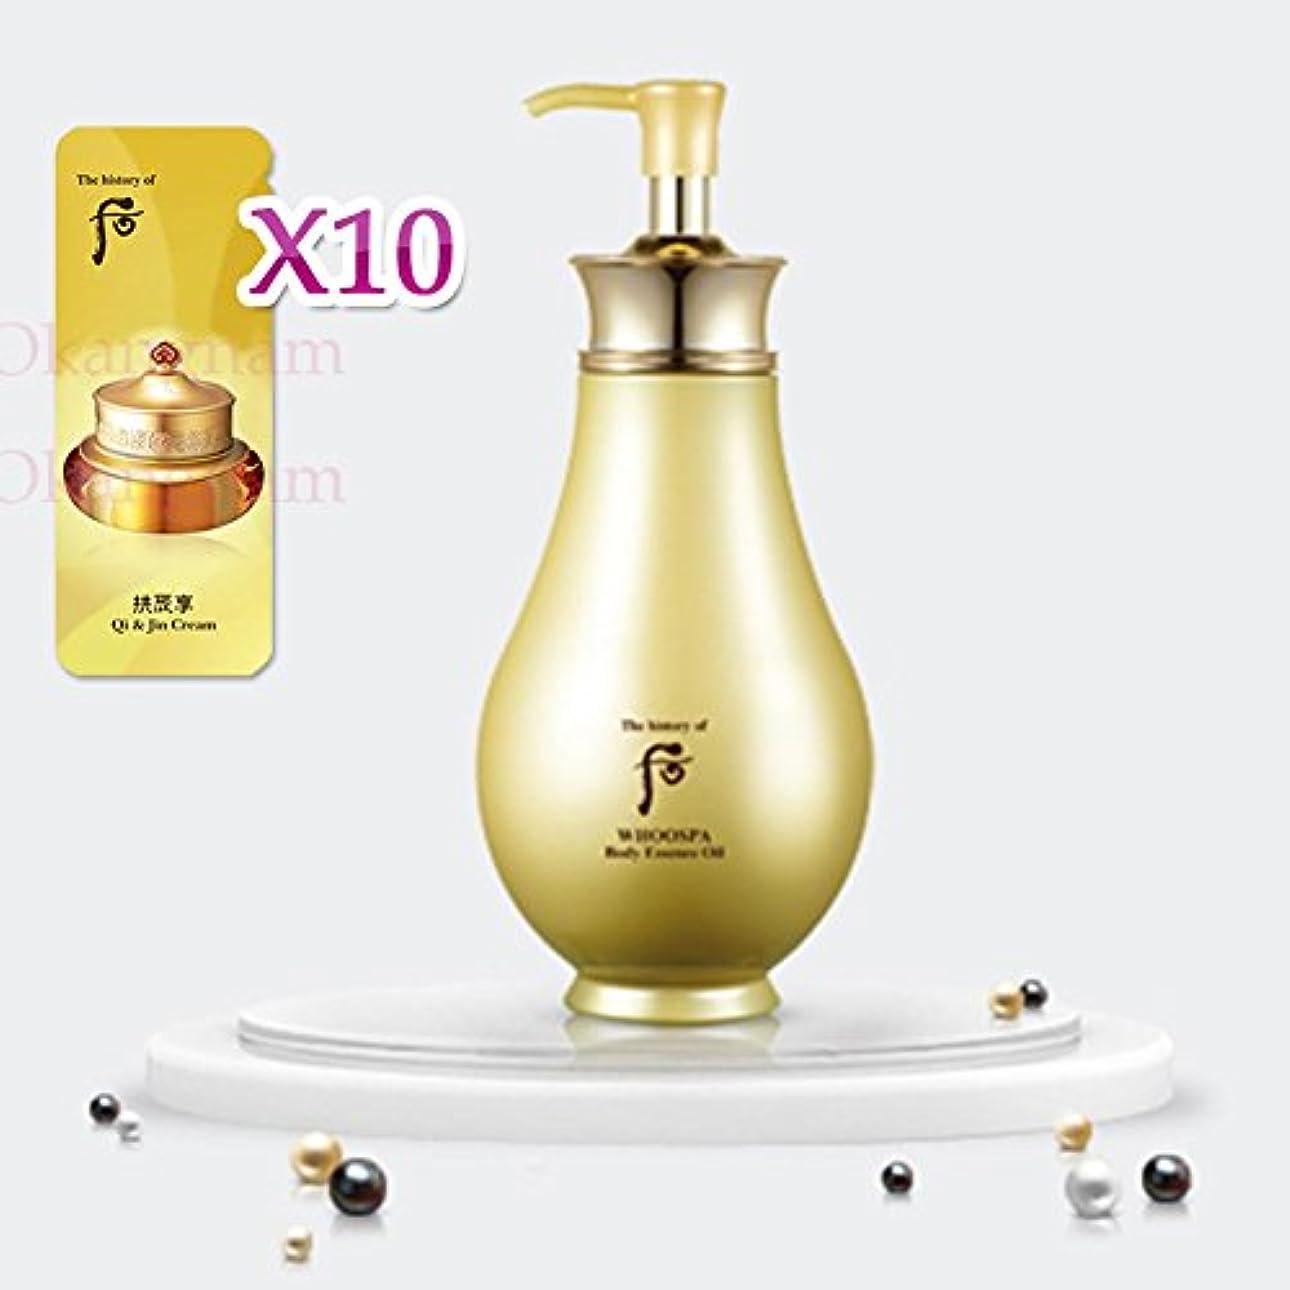 最大のきらめく屋内で【フー/The history of whoo] Whoo后SPA03 Whoo Spa Body Essence Oil/后(フー)フス派ボディエッセンスオイル + [Sample Gift](海外直送品)